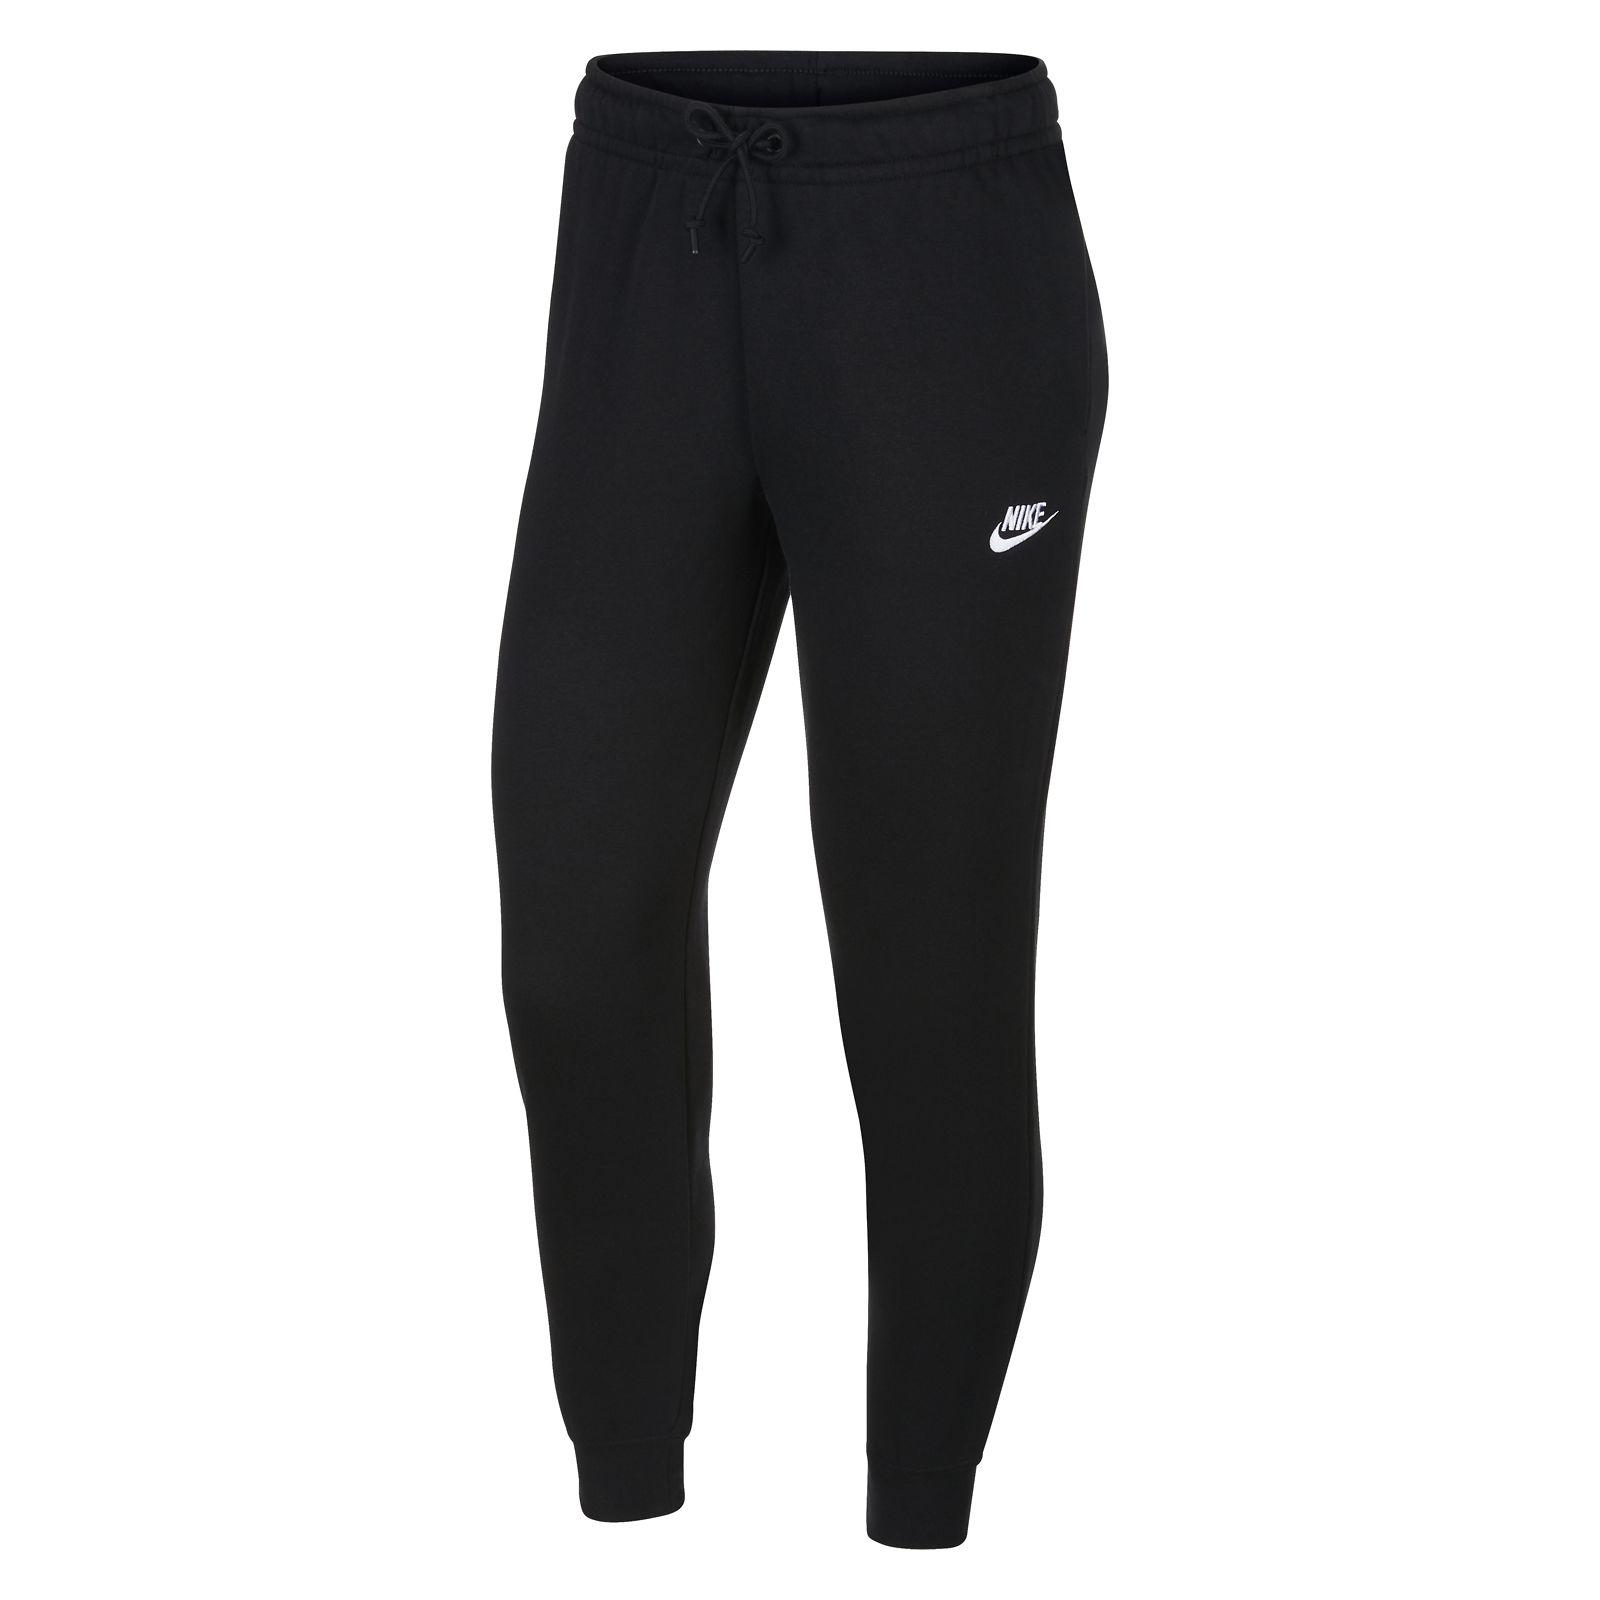 Spodnie damskie Nike BV4095